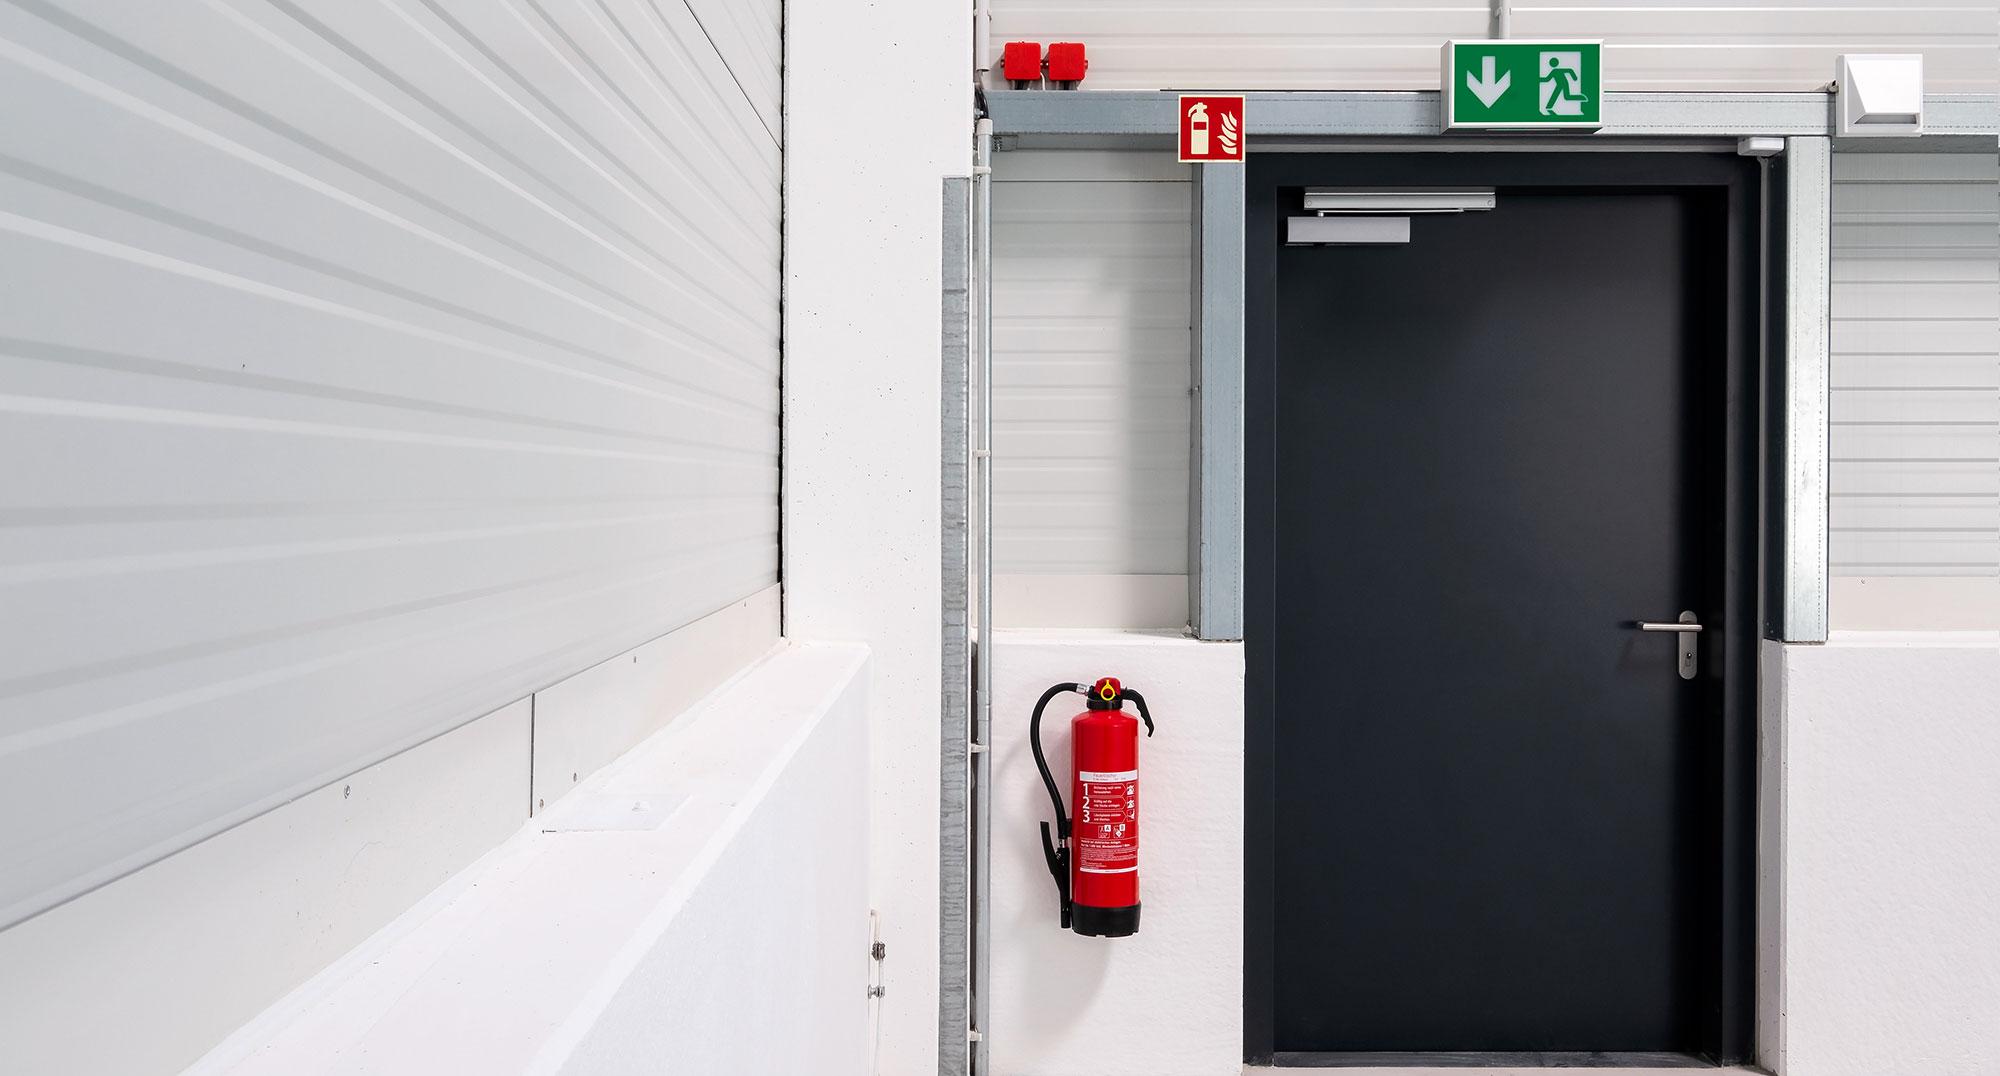 Brandschutzkonzepte